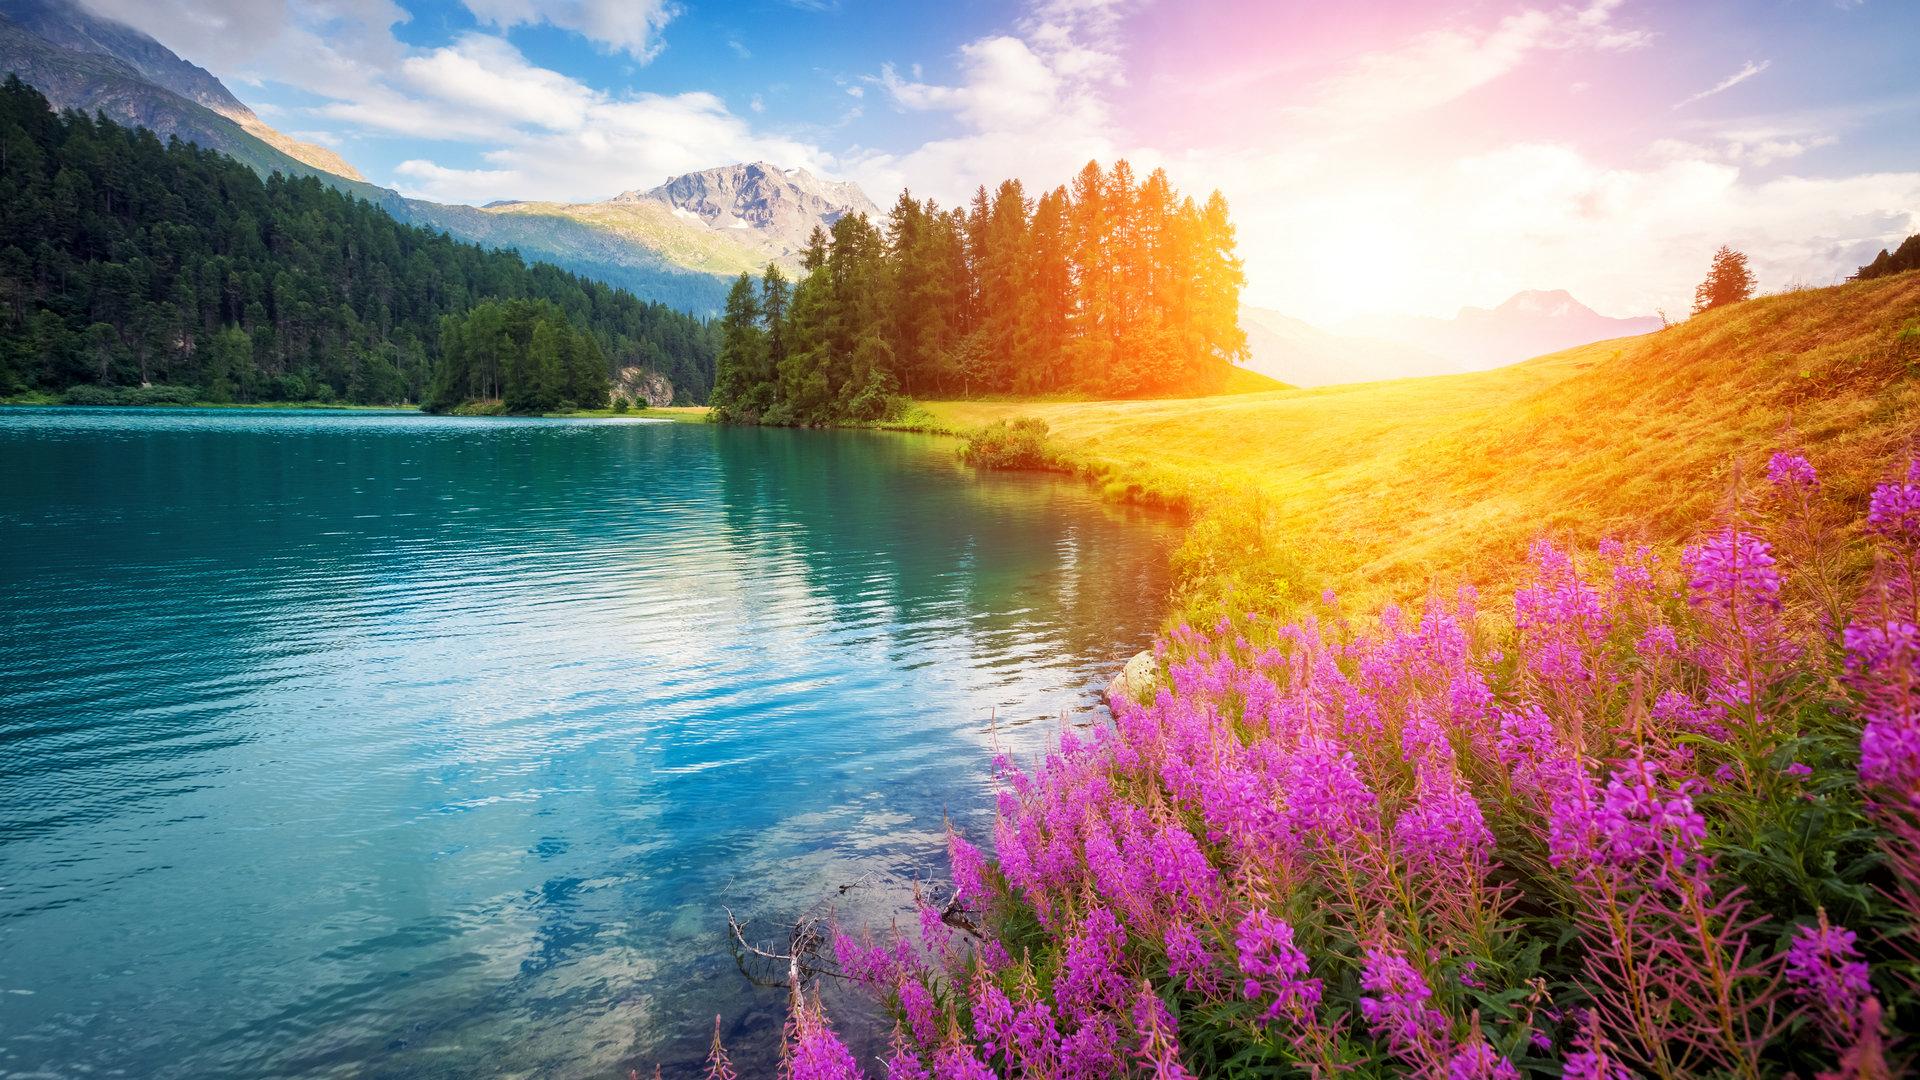 优美大山山脚风景图片壁纸